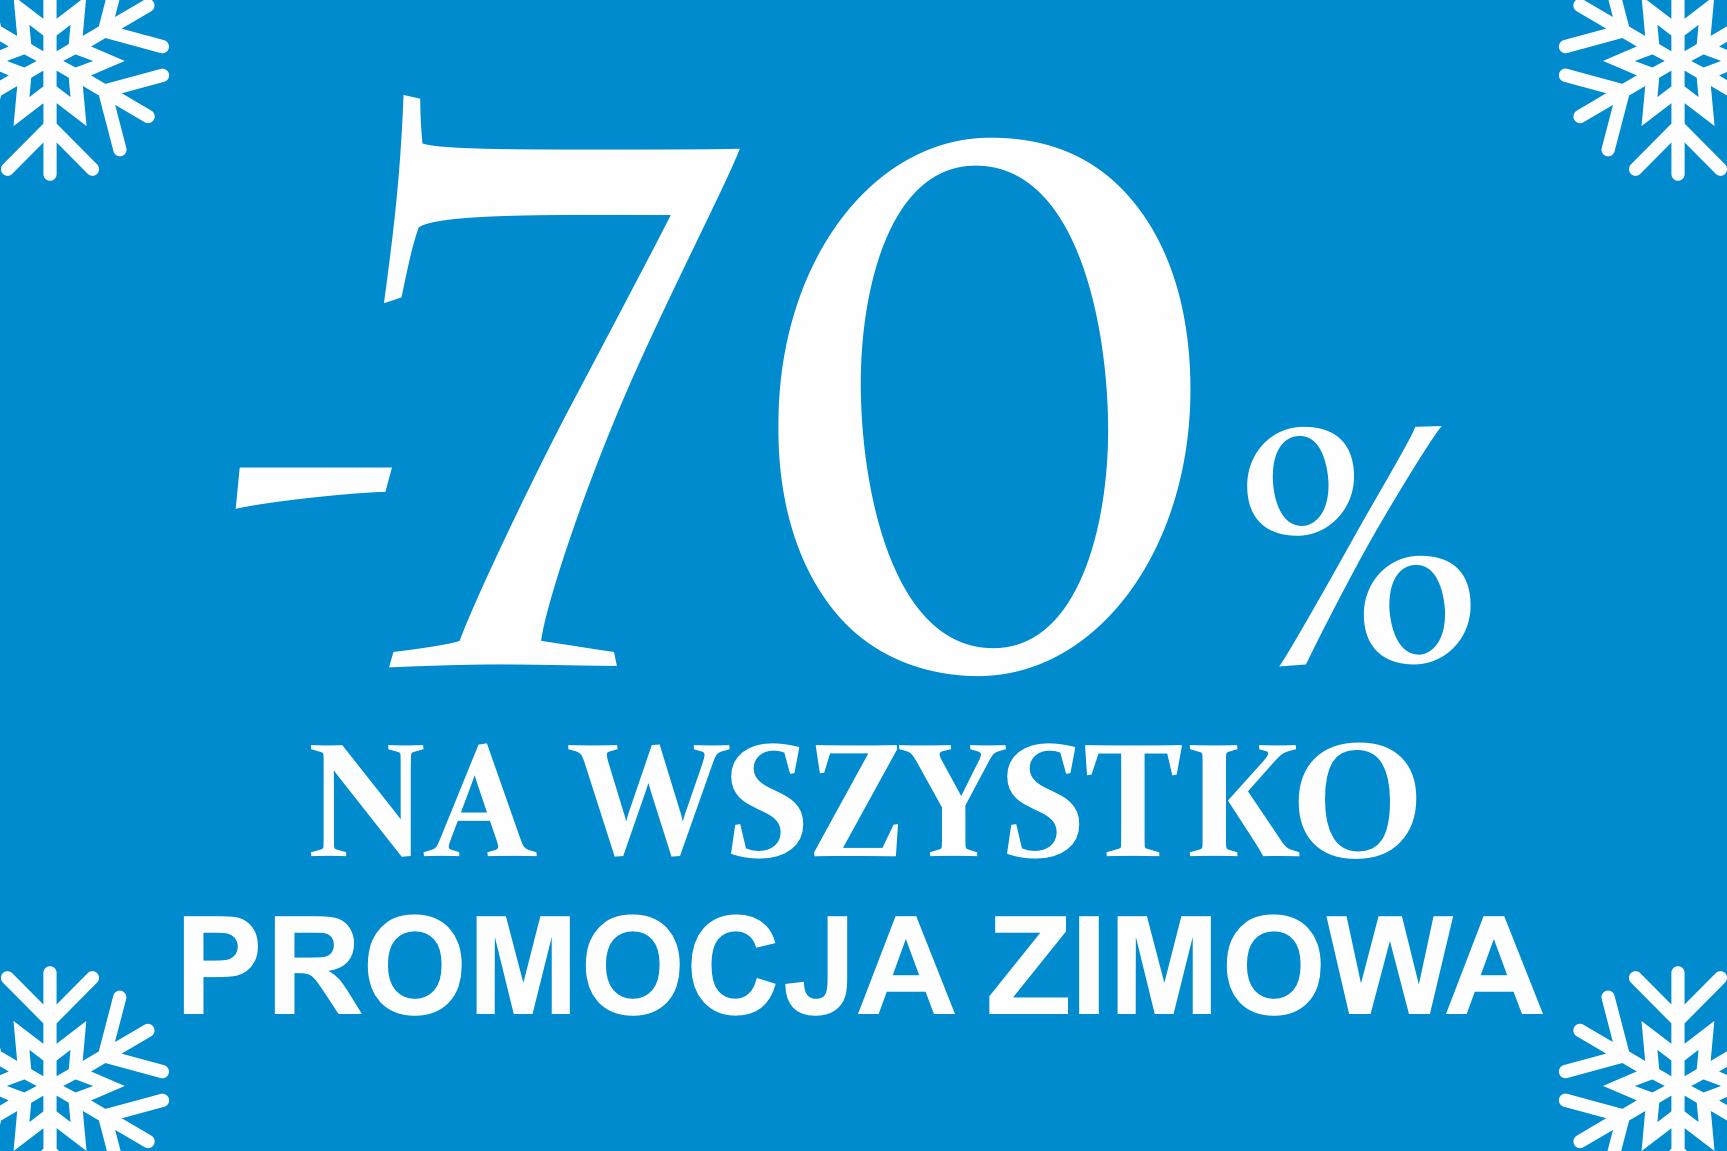 Próchnik -70% Promocja Zimowa